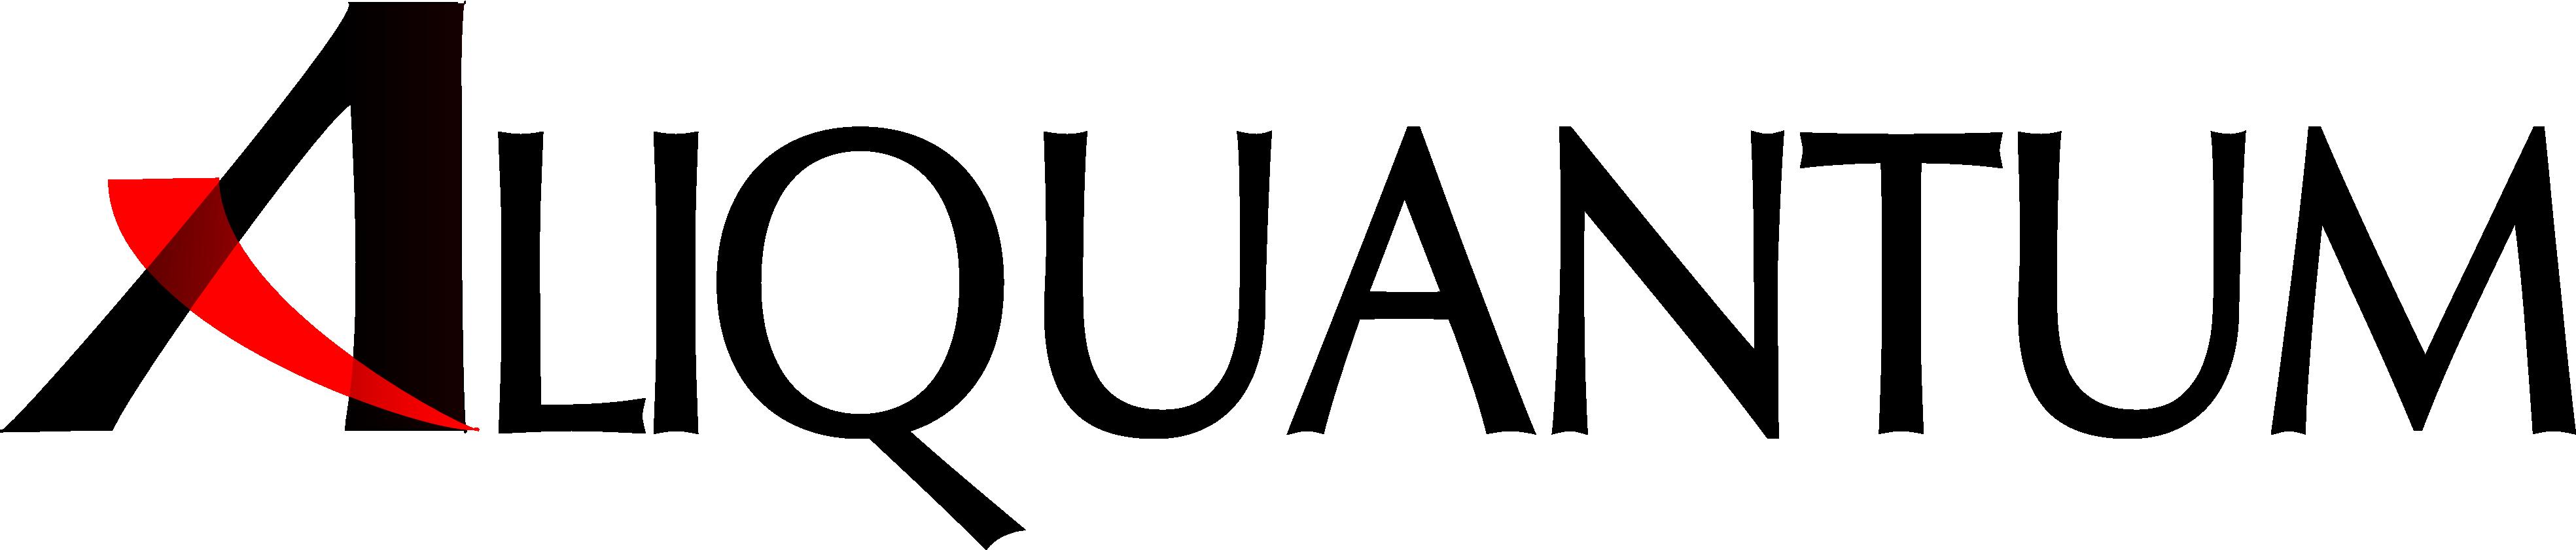 Team logo Aliquantum